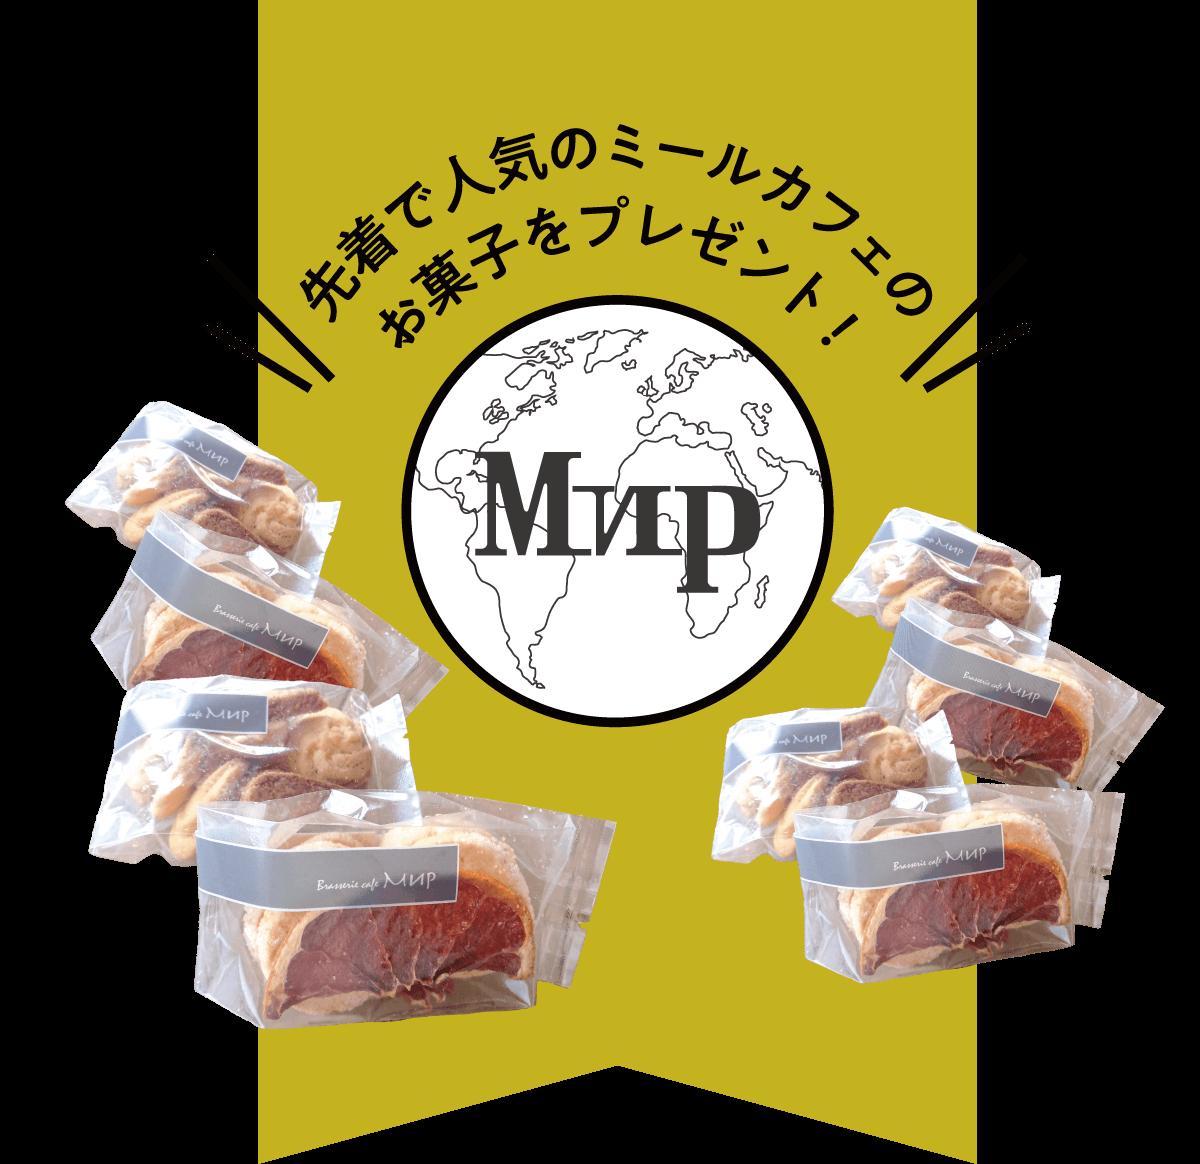 ミールカフェのお菓子プレゼント|岡崎市マルシェ